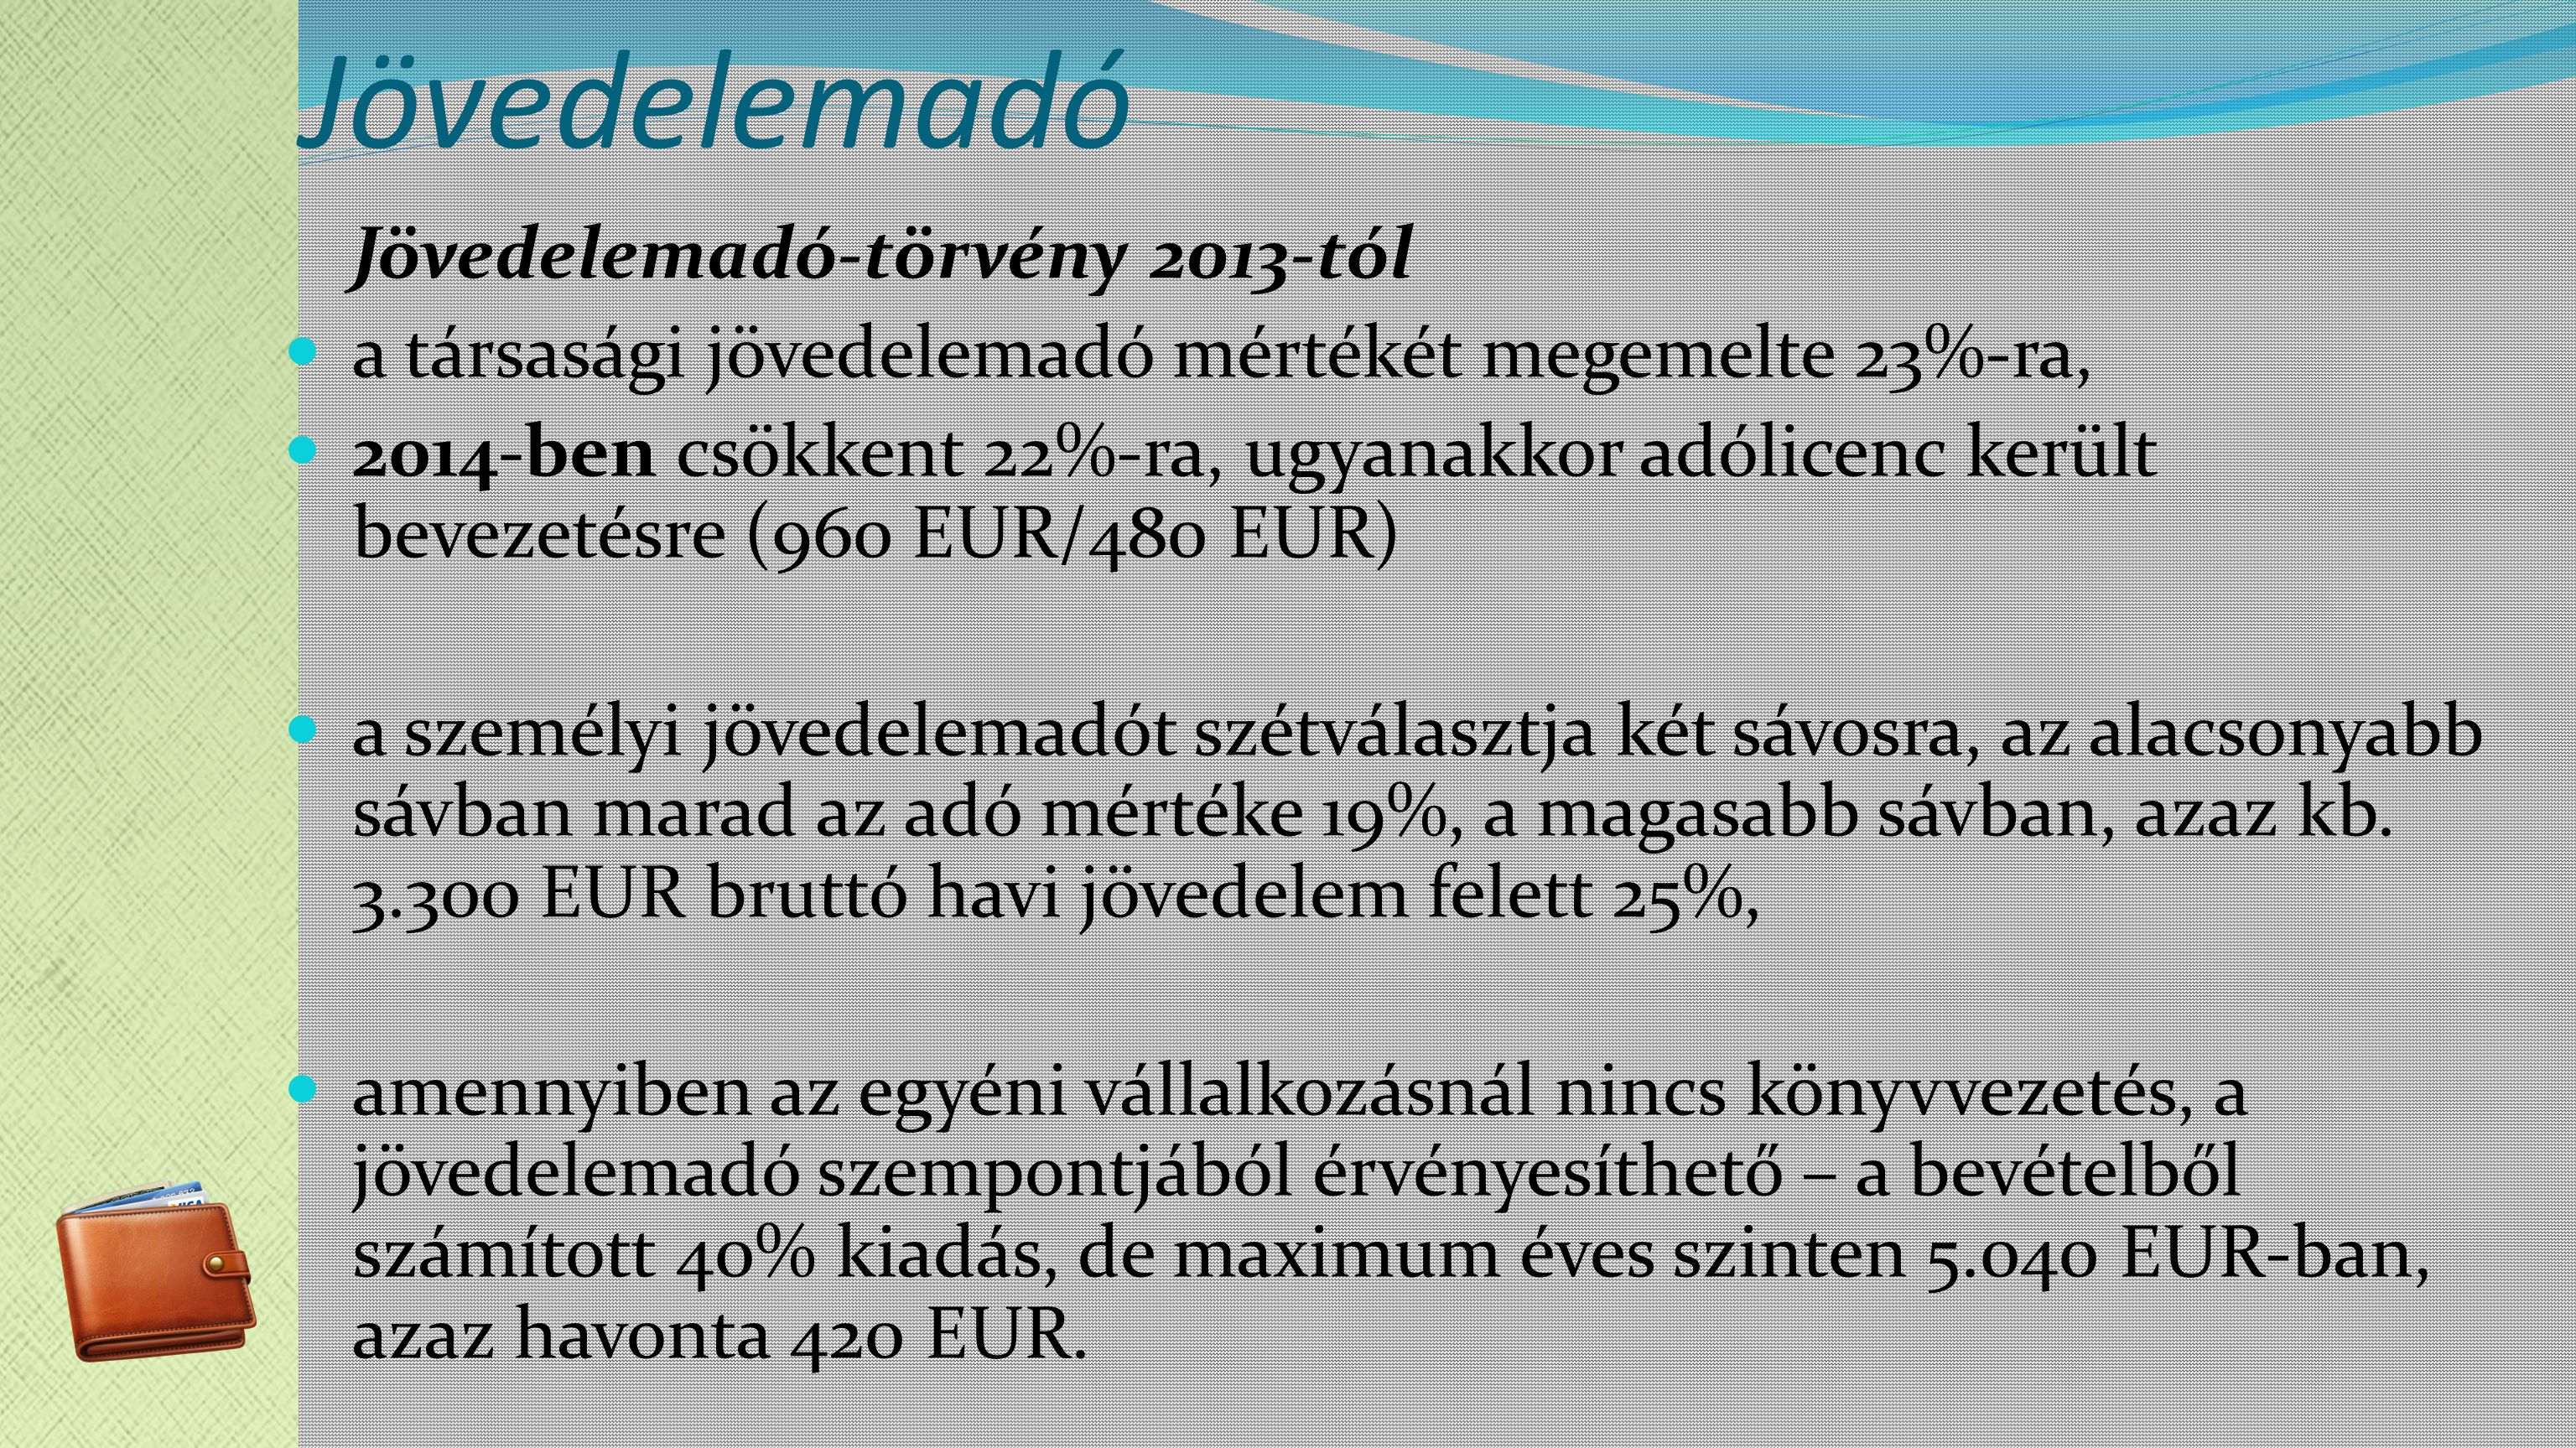 Jövedelemadó Jövedelemadó-törvény 2013-tól a társasági jövedelemadó mértékét megemelte 23%-ra, 2014-ben csökkent 22%-ra, ugyanakkor adólicenc került bevezetésre (960 EUR/480 EUR) a személyi jövedelemadót szétválasztja két sávosra, az alacsonyabb sávban marad az adó mértéke 19%, a magasabb sávban, azaz kb.